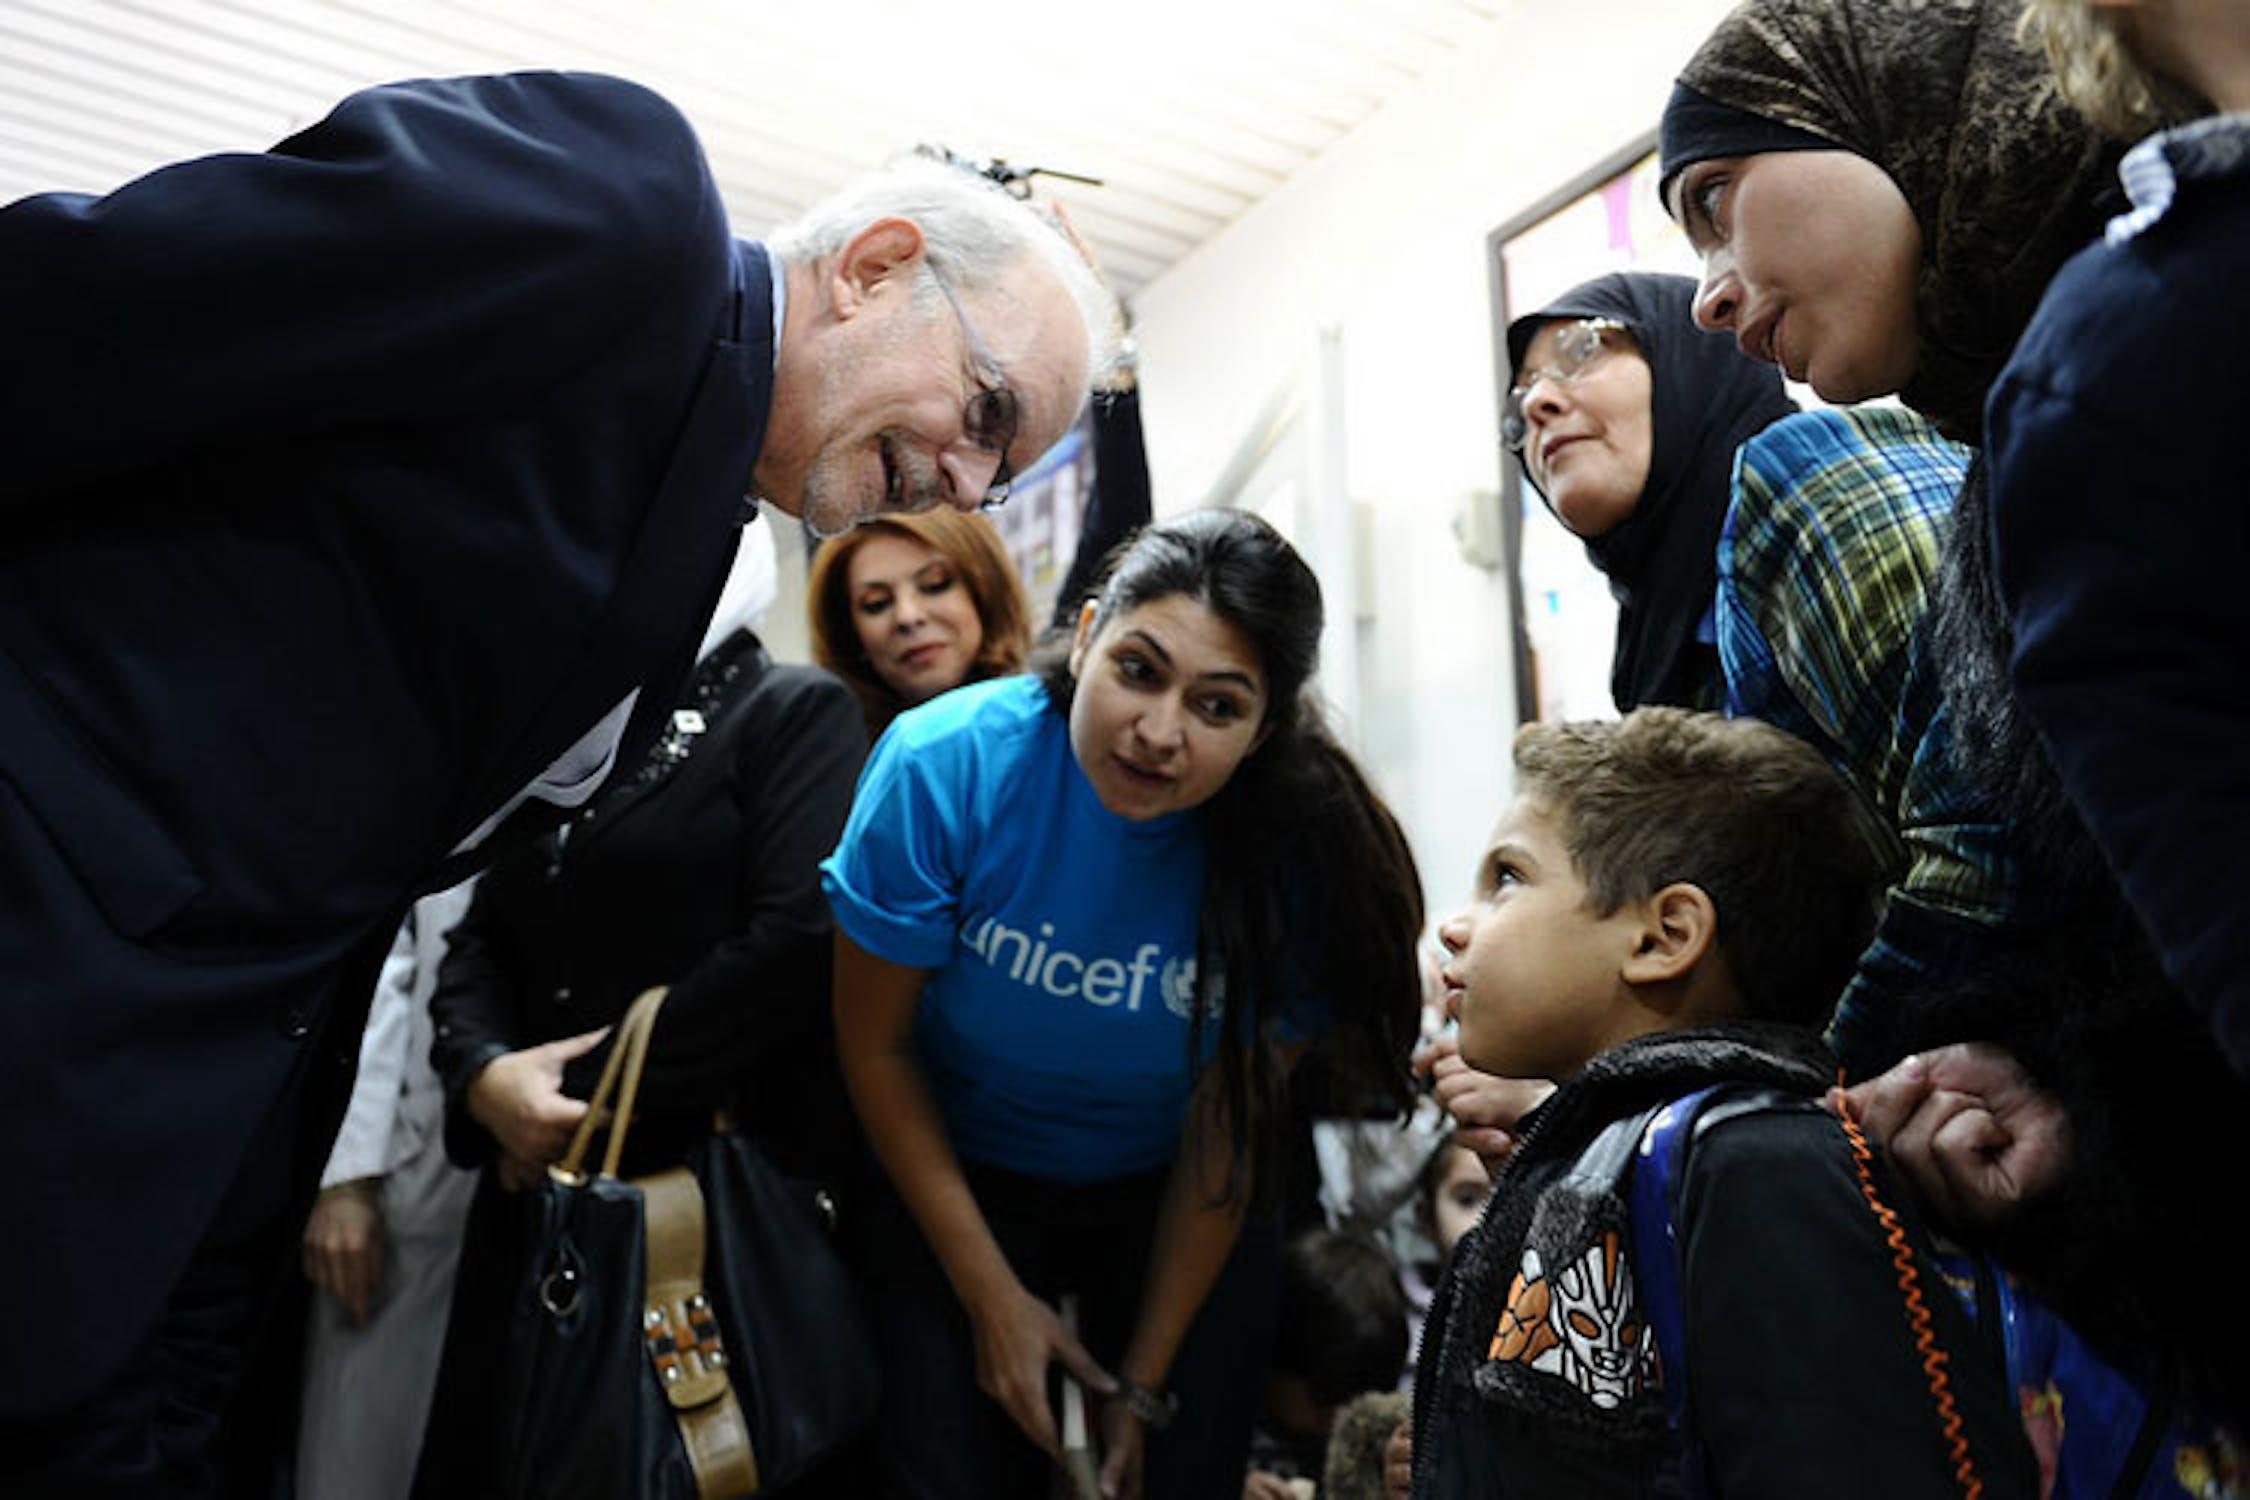 Il direttore UNICEF Anthony Lake parla con un bambino che attende di essere vaccinato nell'ambulatorio di Abu Dhar Al-Ghifari, a Damasco - ©UNICEF/NYHQ2013-0922/Sanadiki